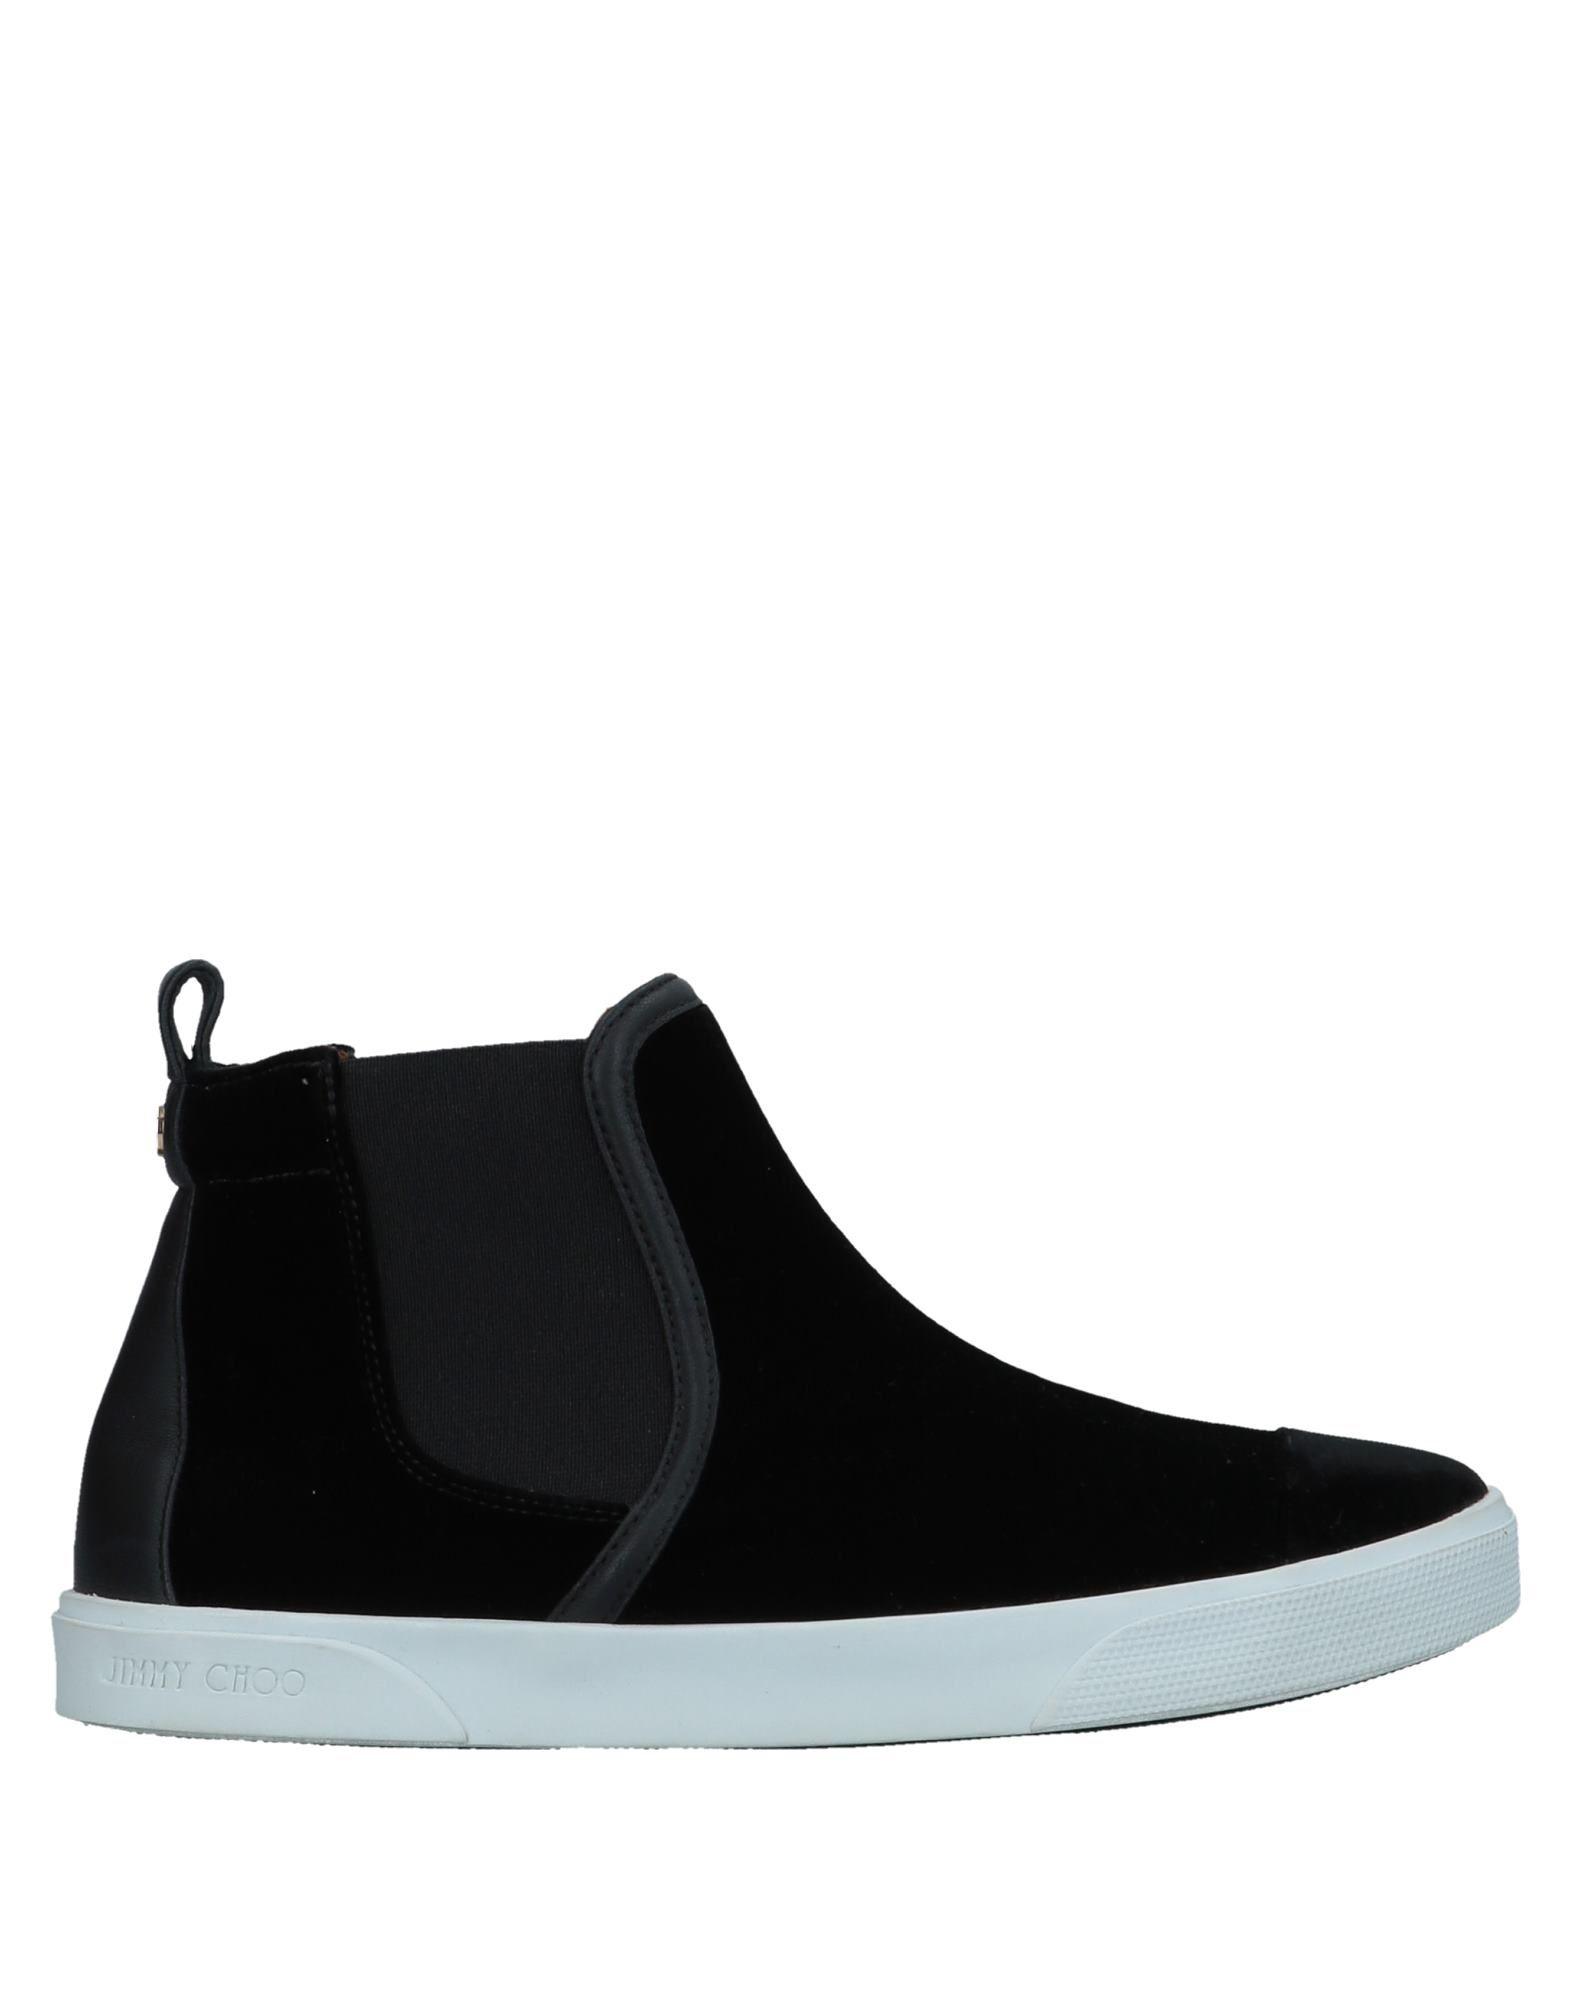 Rabatt Schuhe Jimmy Choo Sneakers Damen  11532700VE